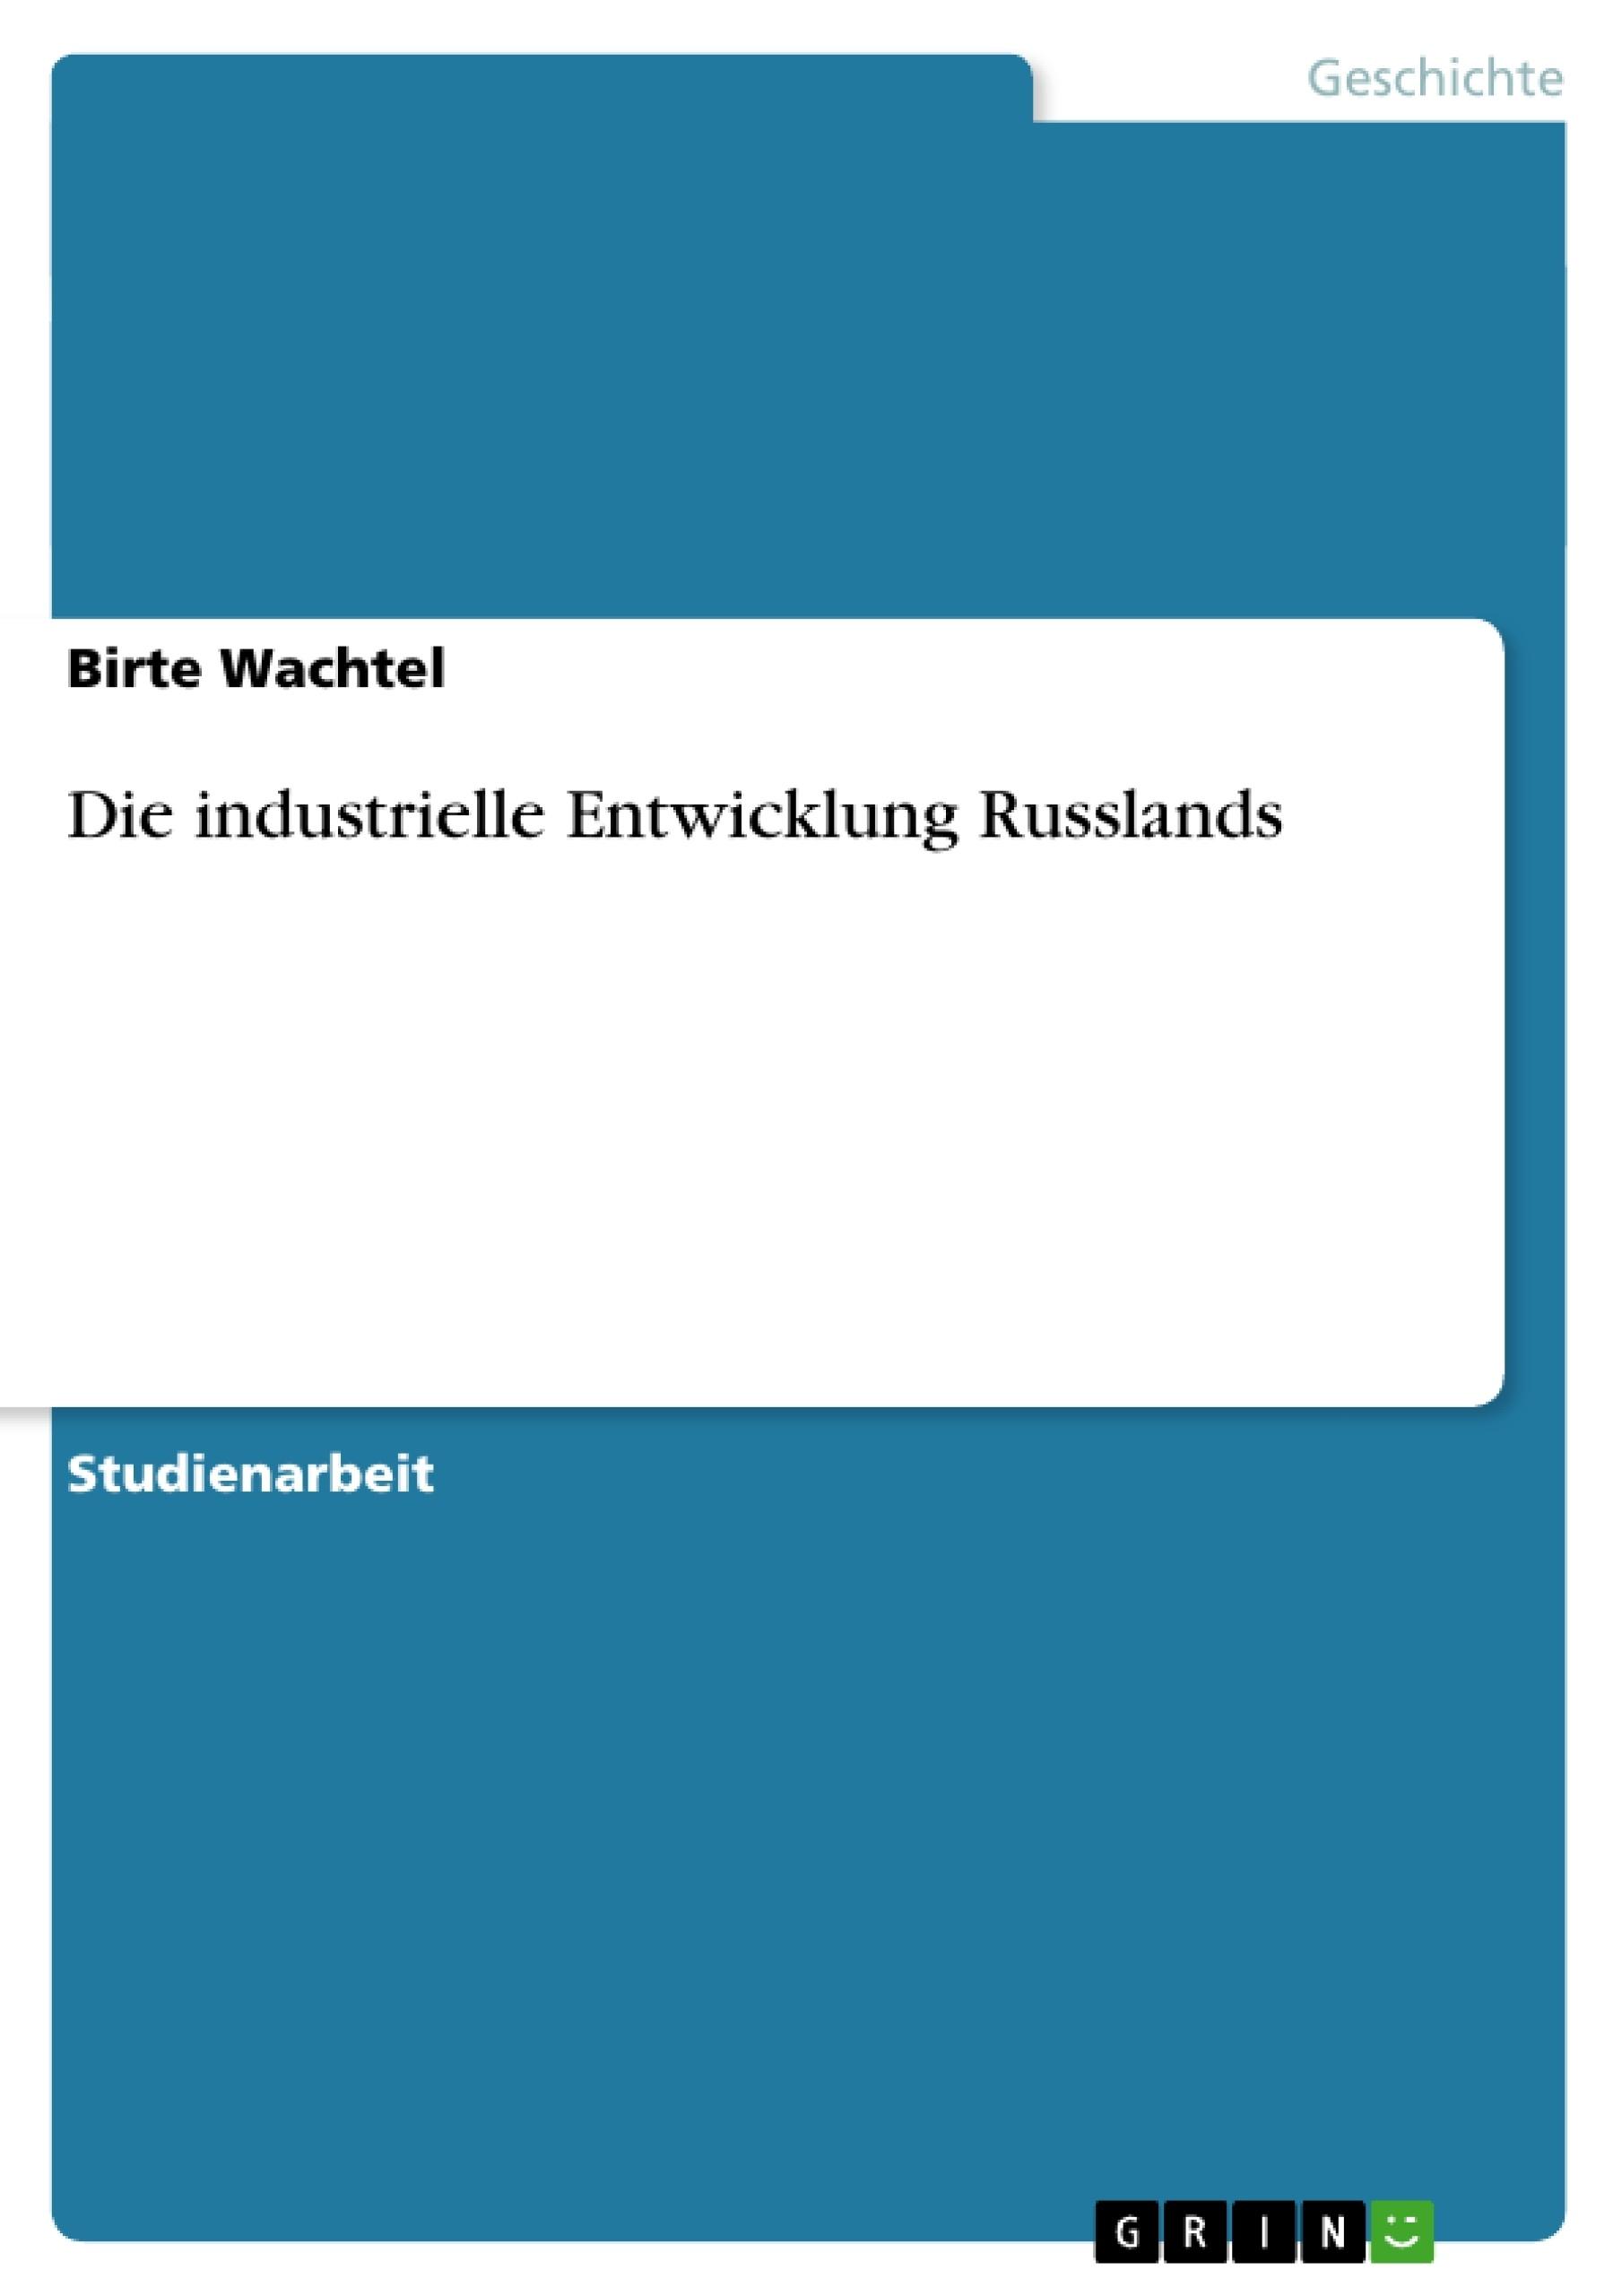 Titel: Die industrielle Entwicklung Russlands